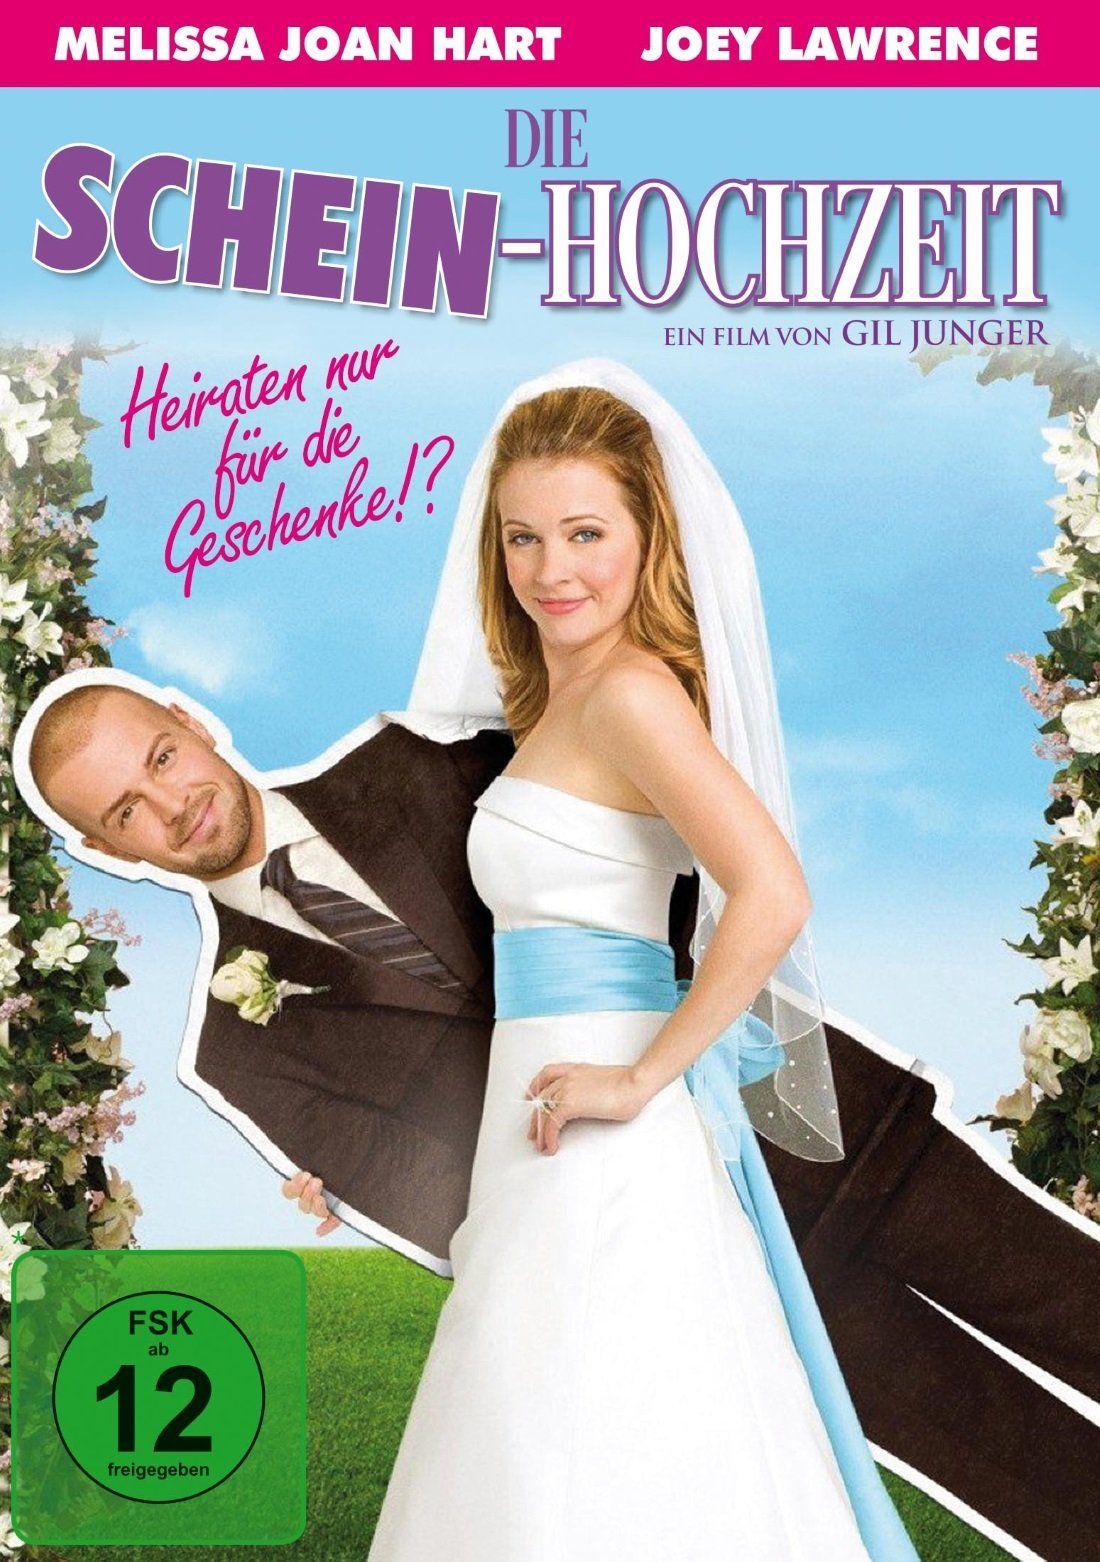 Die Schein Hochzeit Alemania Dvd Ad Schein Die Hochzeit Dvd Melissa Joan Hart Filme Hochzeit